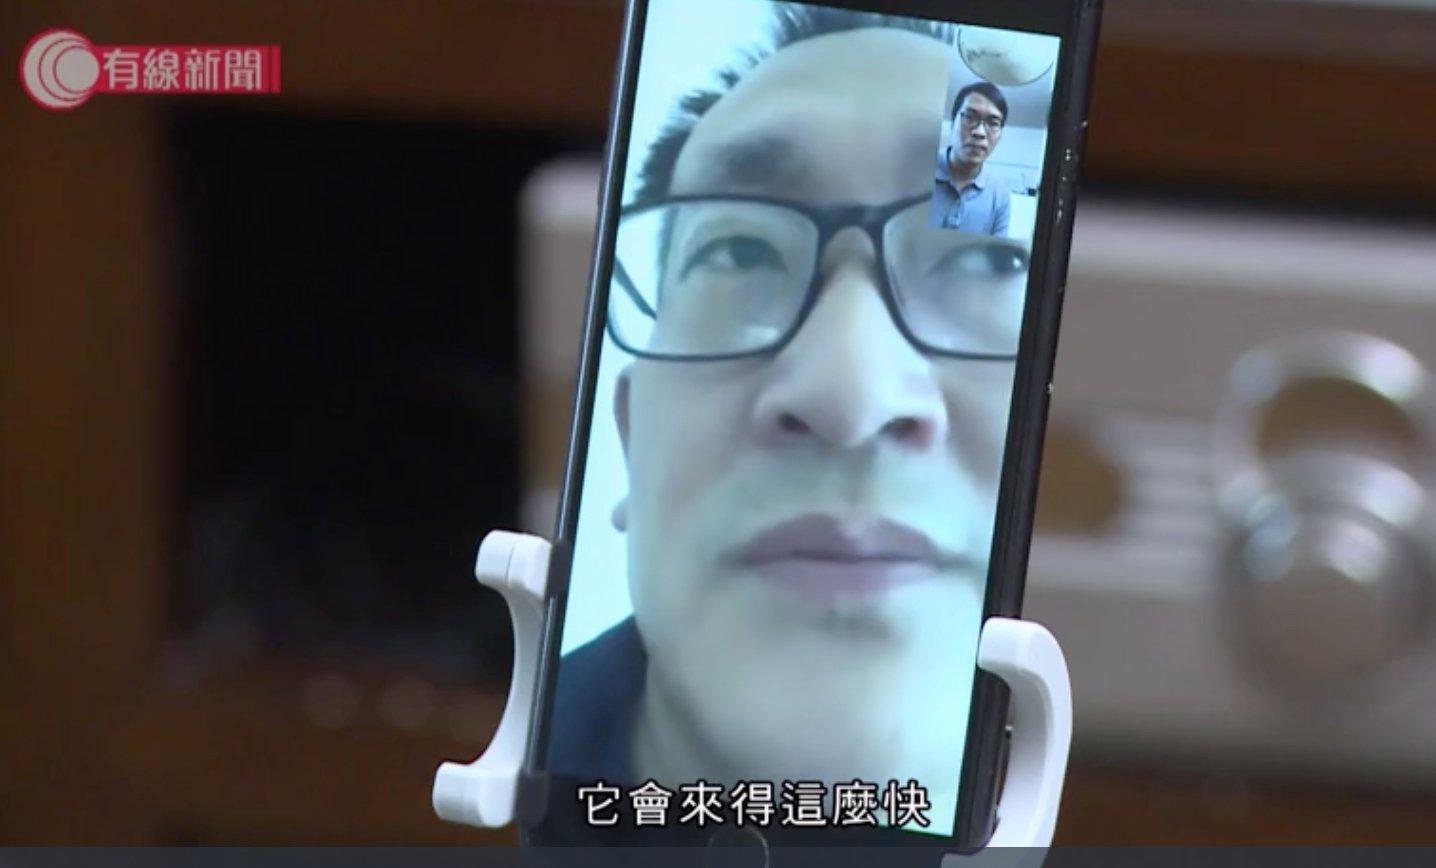 2020年4月20日,王全璋律師接受香港有線電視的視訊採訪。(影片截圖)